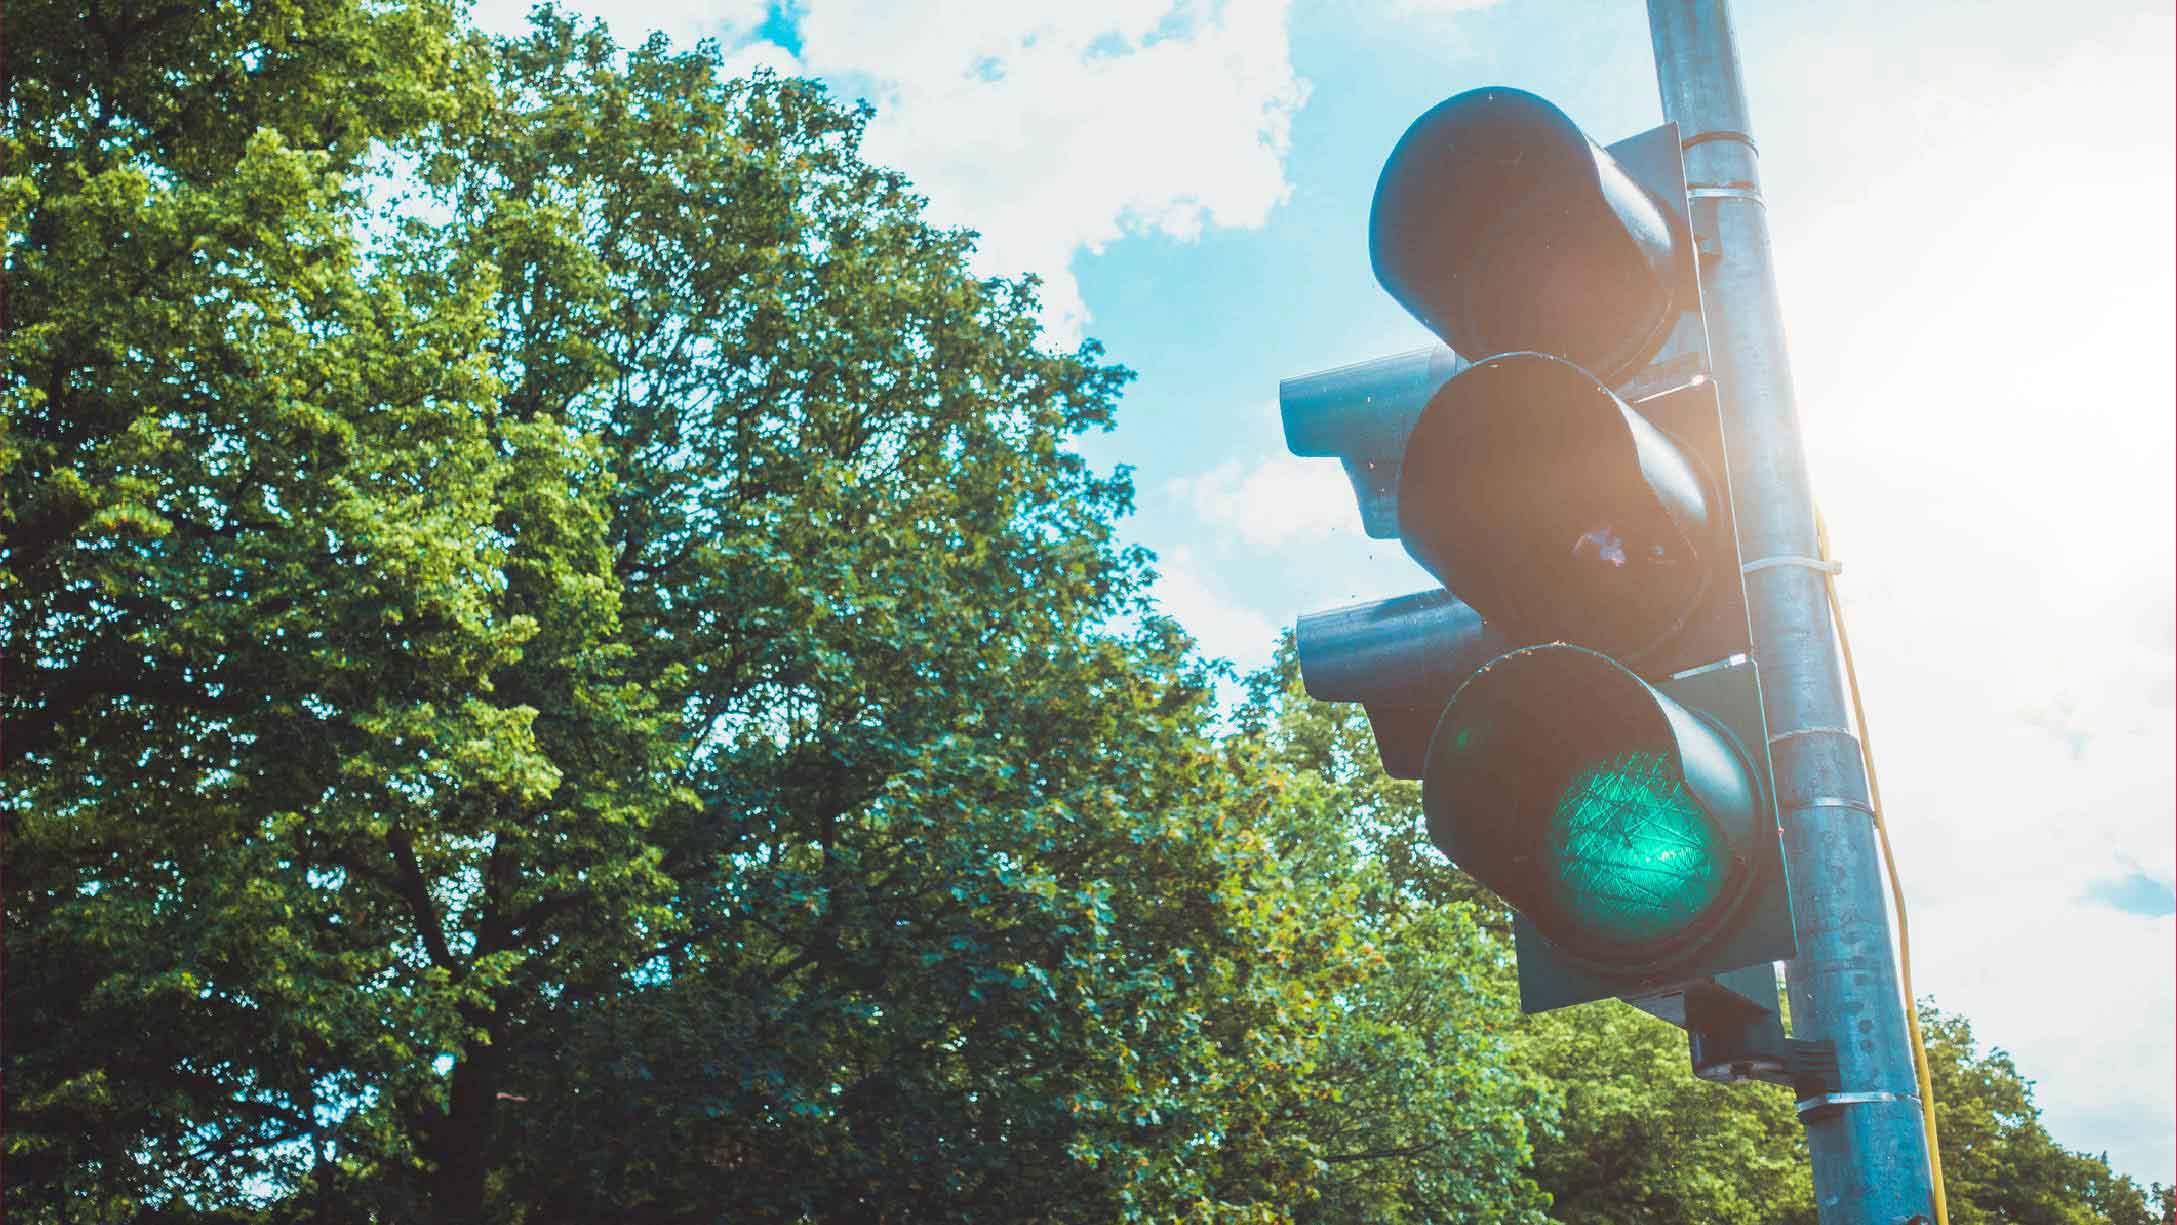 Semáforo con luz verde encendida